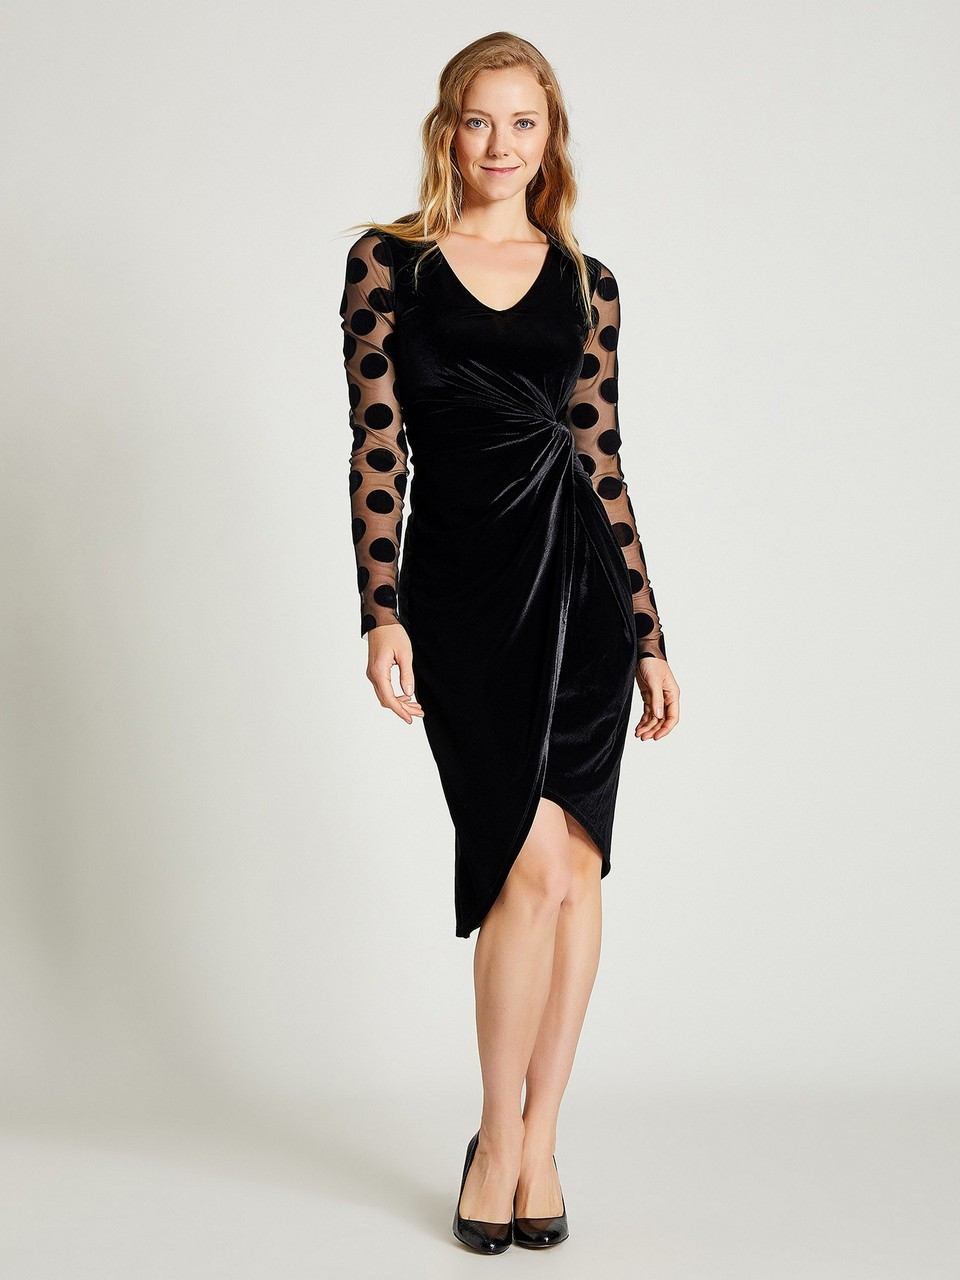 Polka Dot Sleeved Velvet Dress